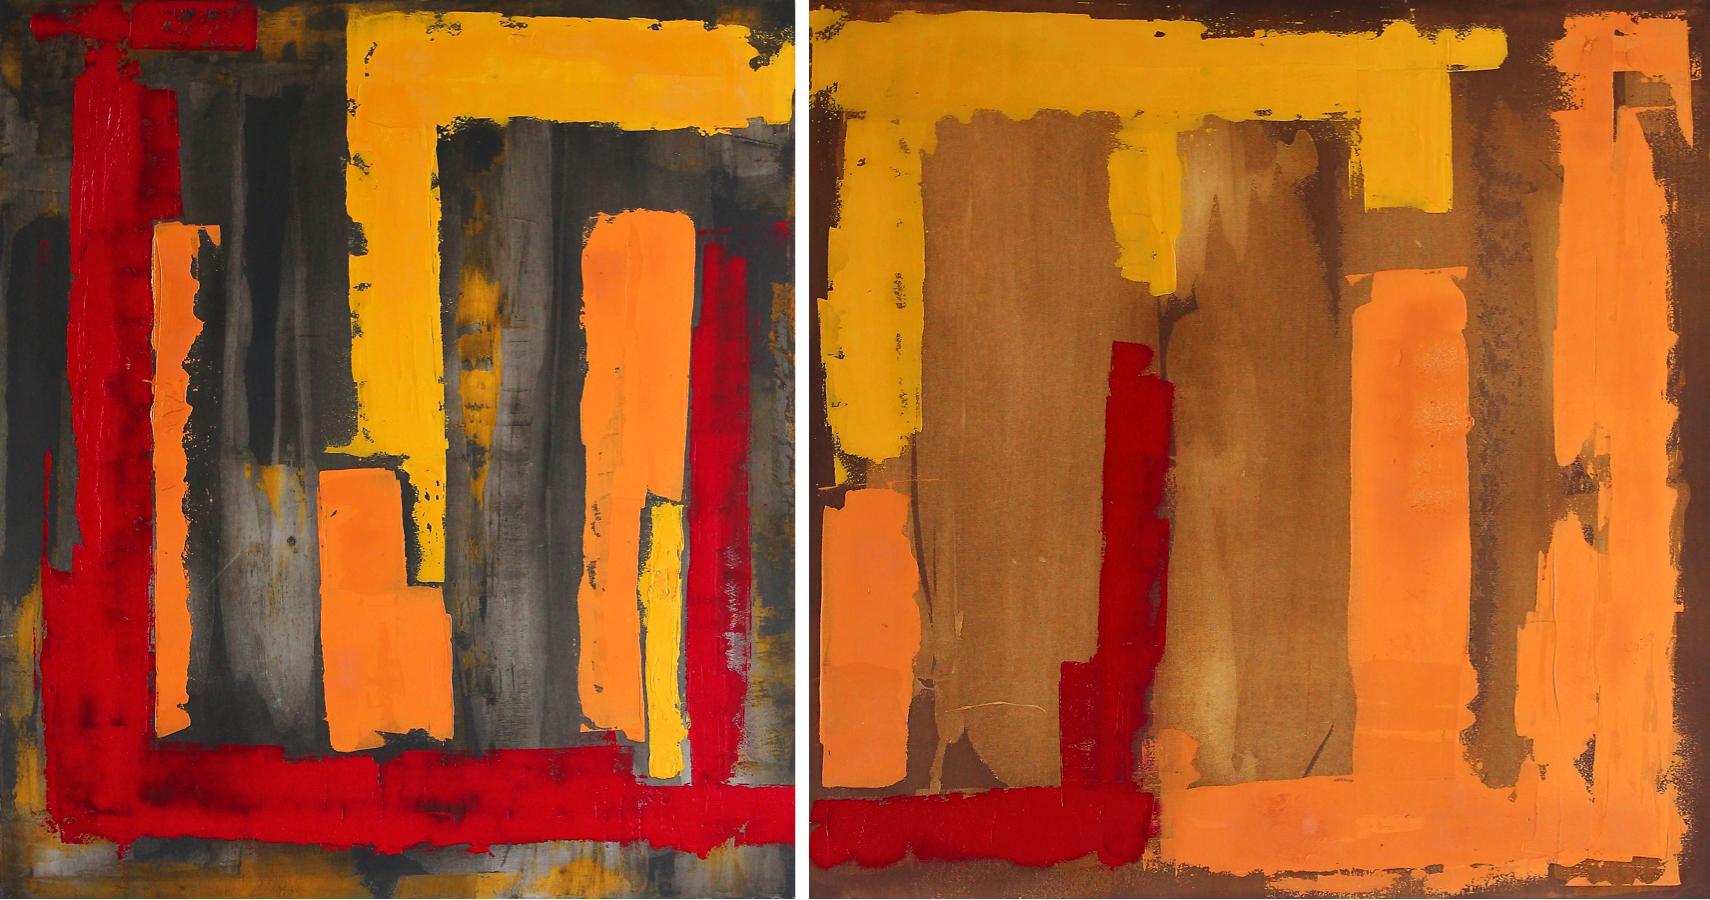 13_13 - arte moderna 1 1.png